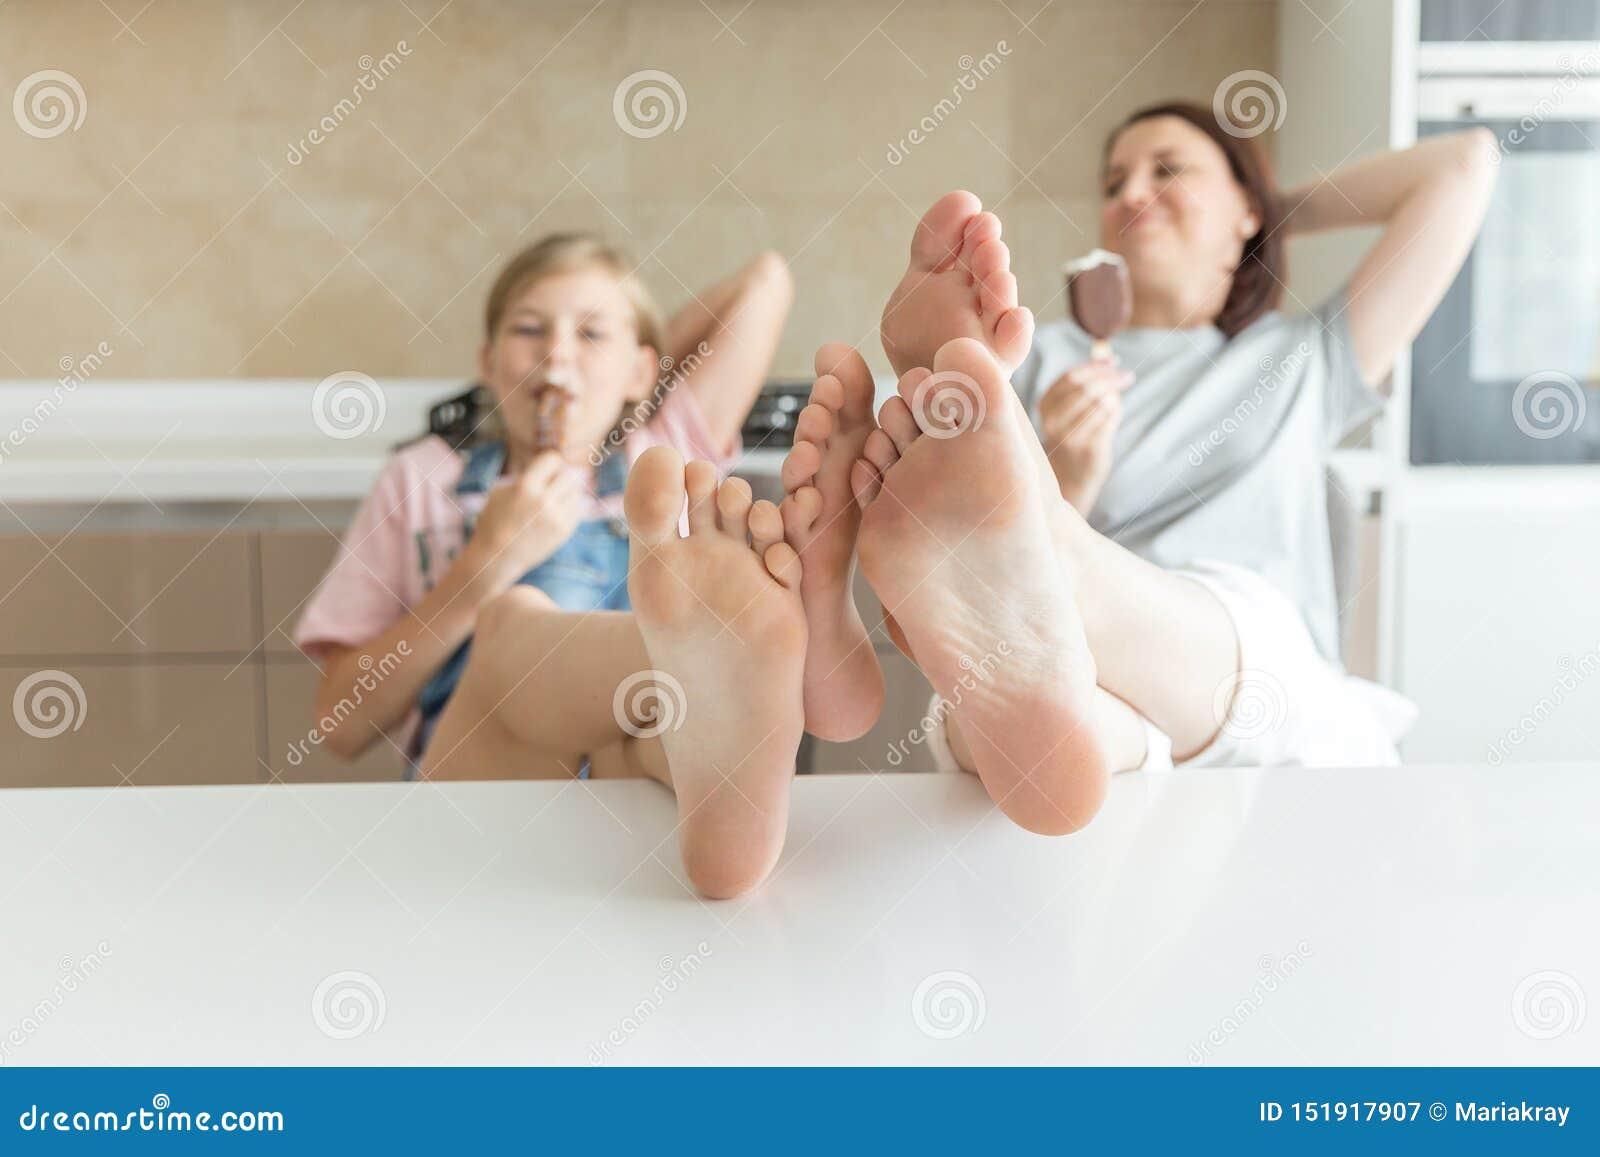 Feet cute teen 15 Pairs